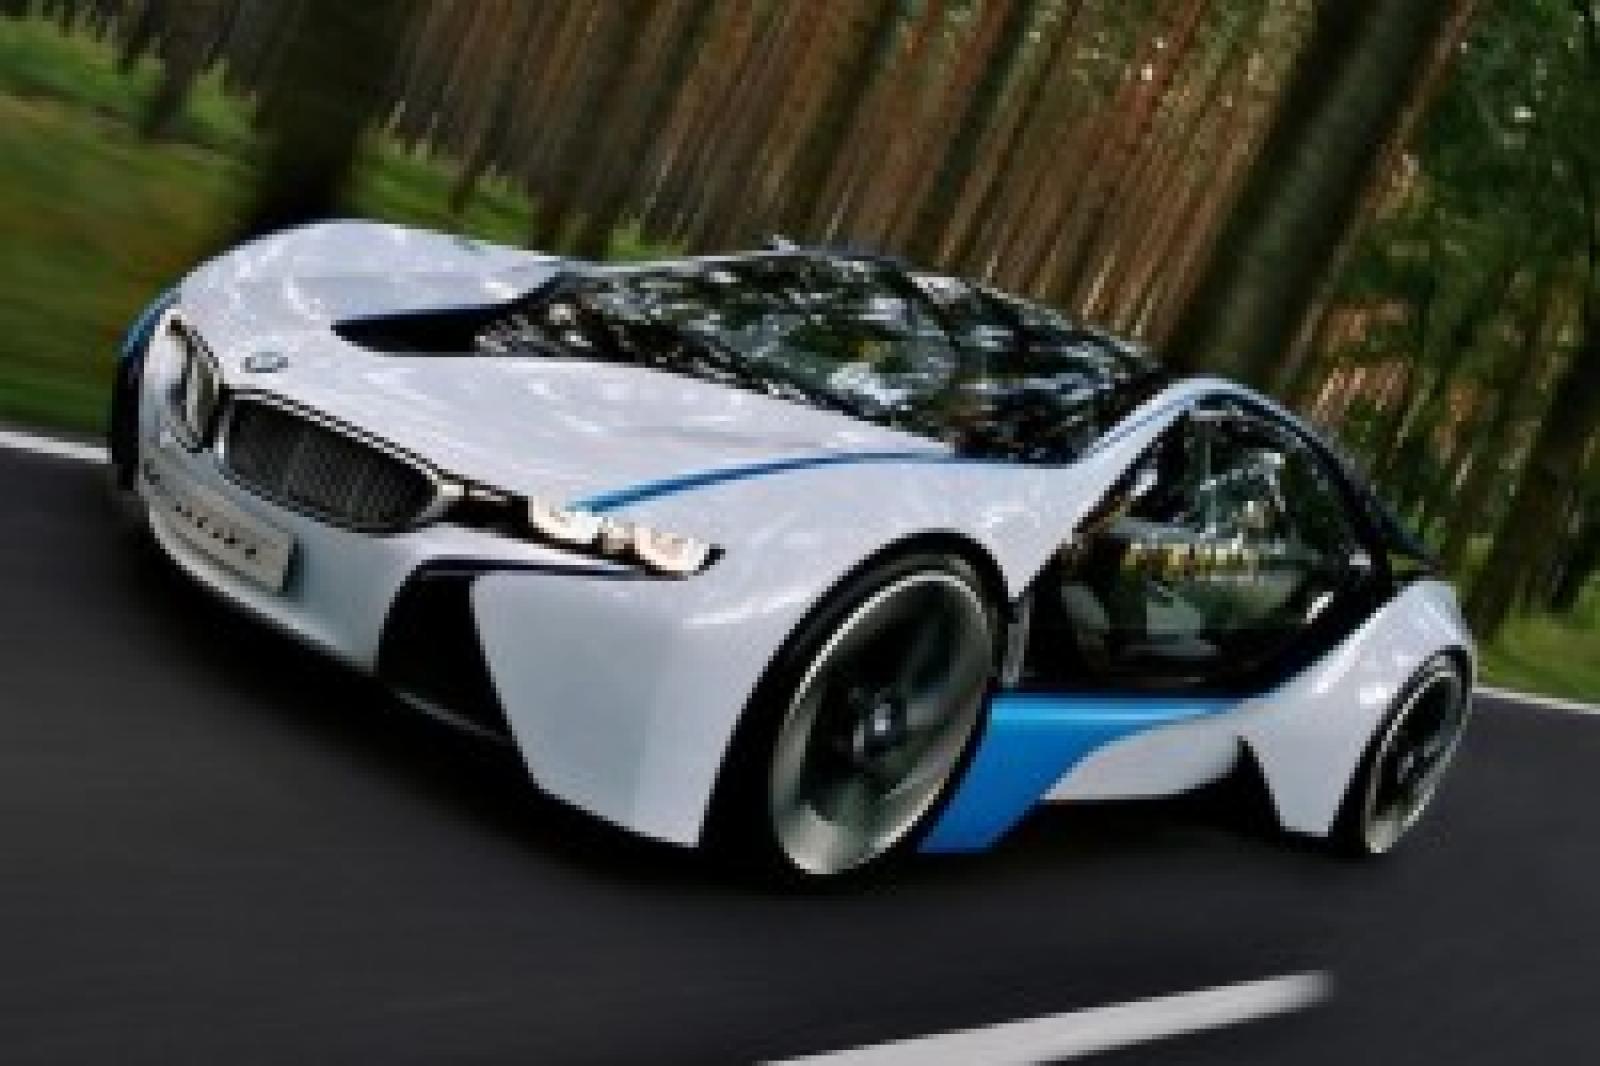 800 1024 1280 1600 Origin 2014 BMW I8